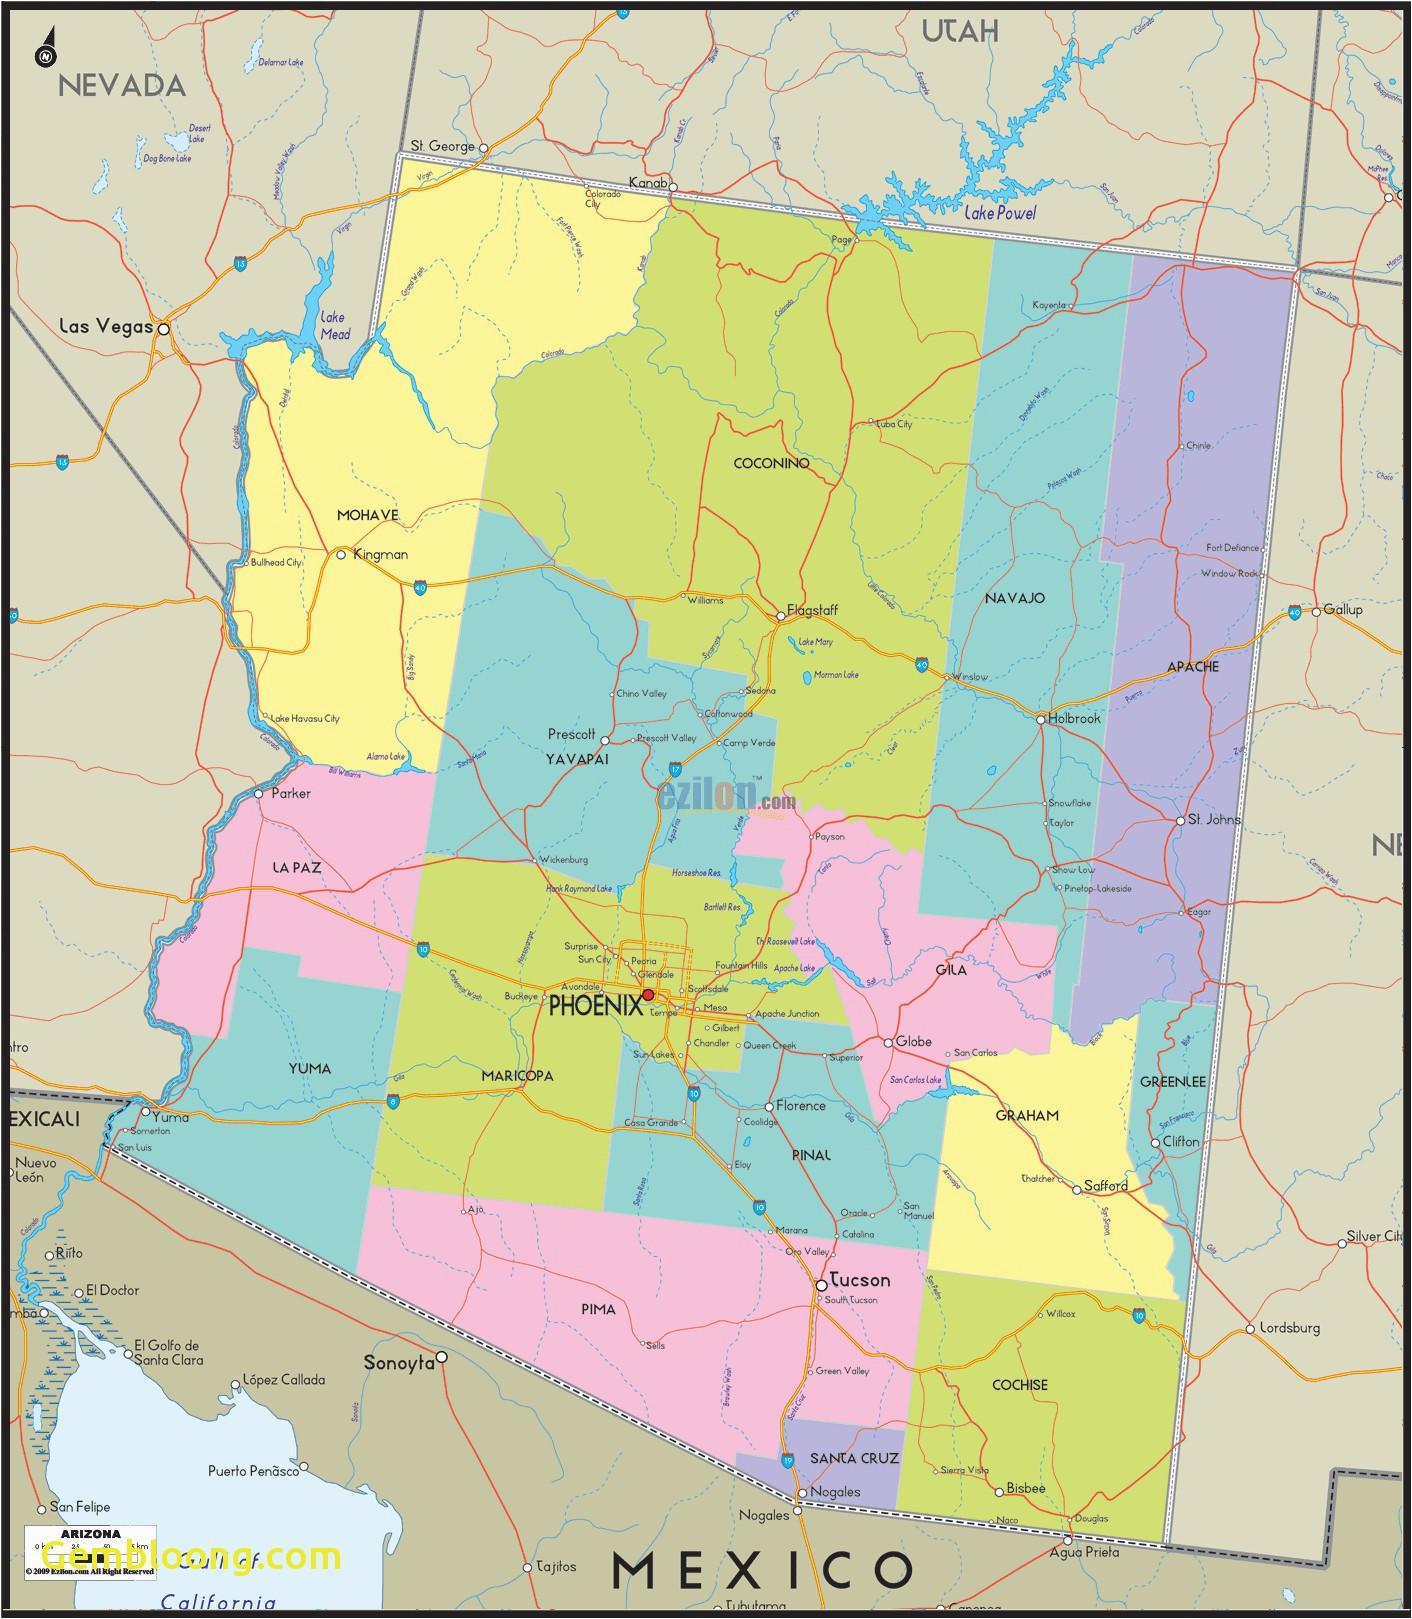 arizona county map awesome mesa arizona usa map best arizona map